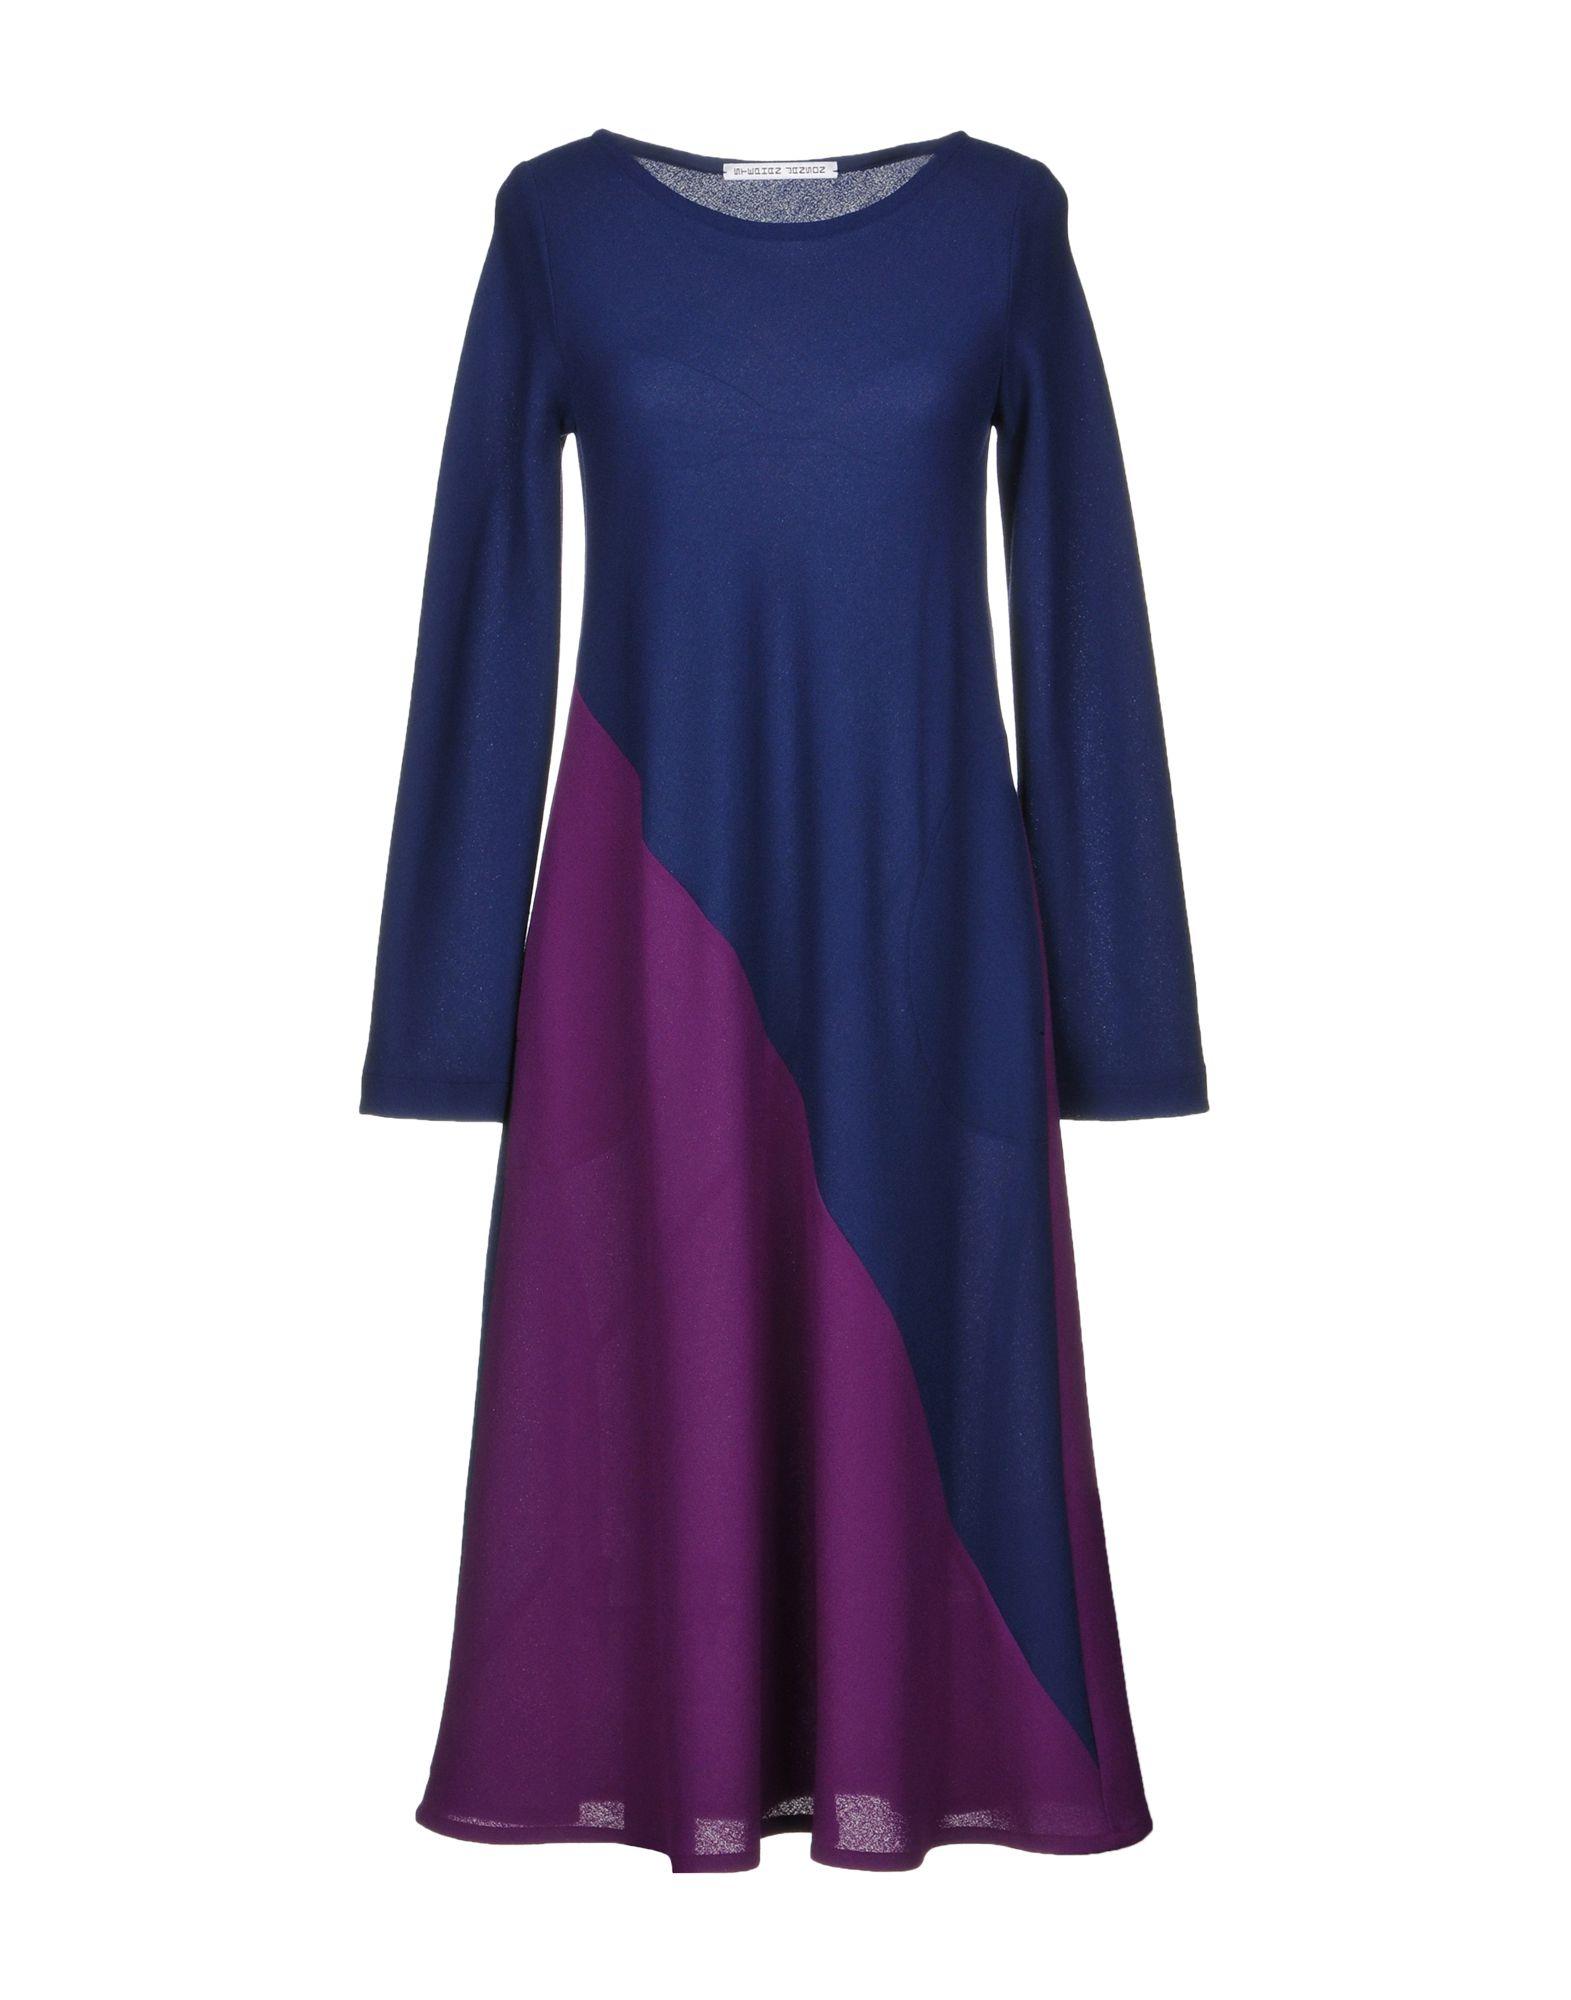 STEPHAN JANSON Платье до колена цена